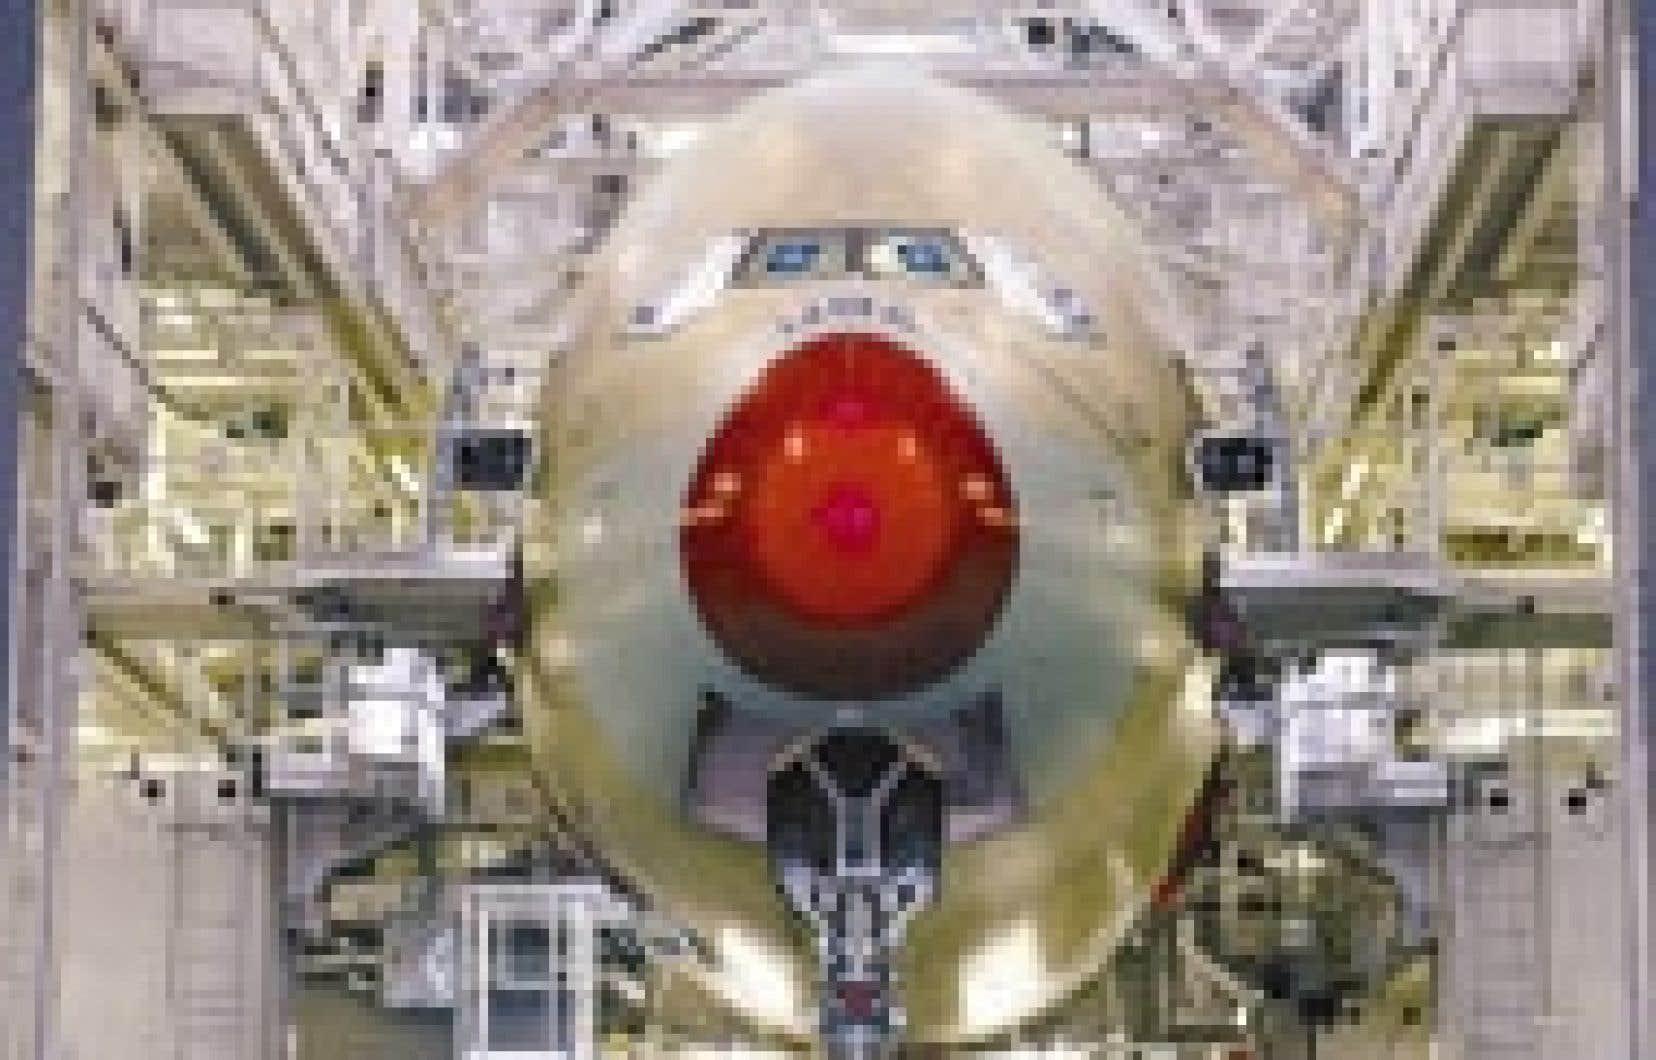 Le futur géant A380 au montage à Toulouse. Airbus a récemment laissé entendre qu'il avait conclu, avec une compagnie chinoise, un accord de principe portant sur l'acquisition de cinq de ces appareils.